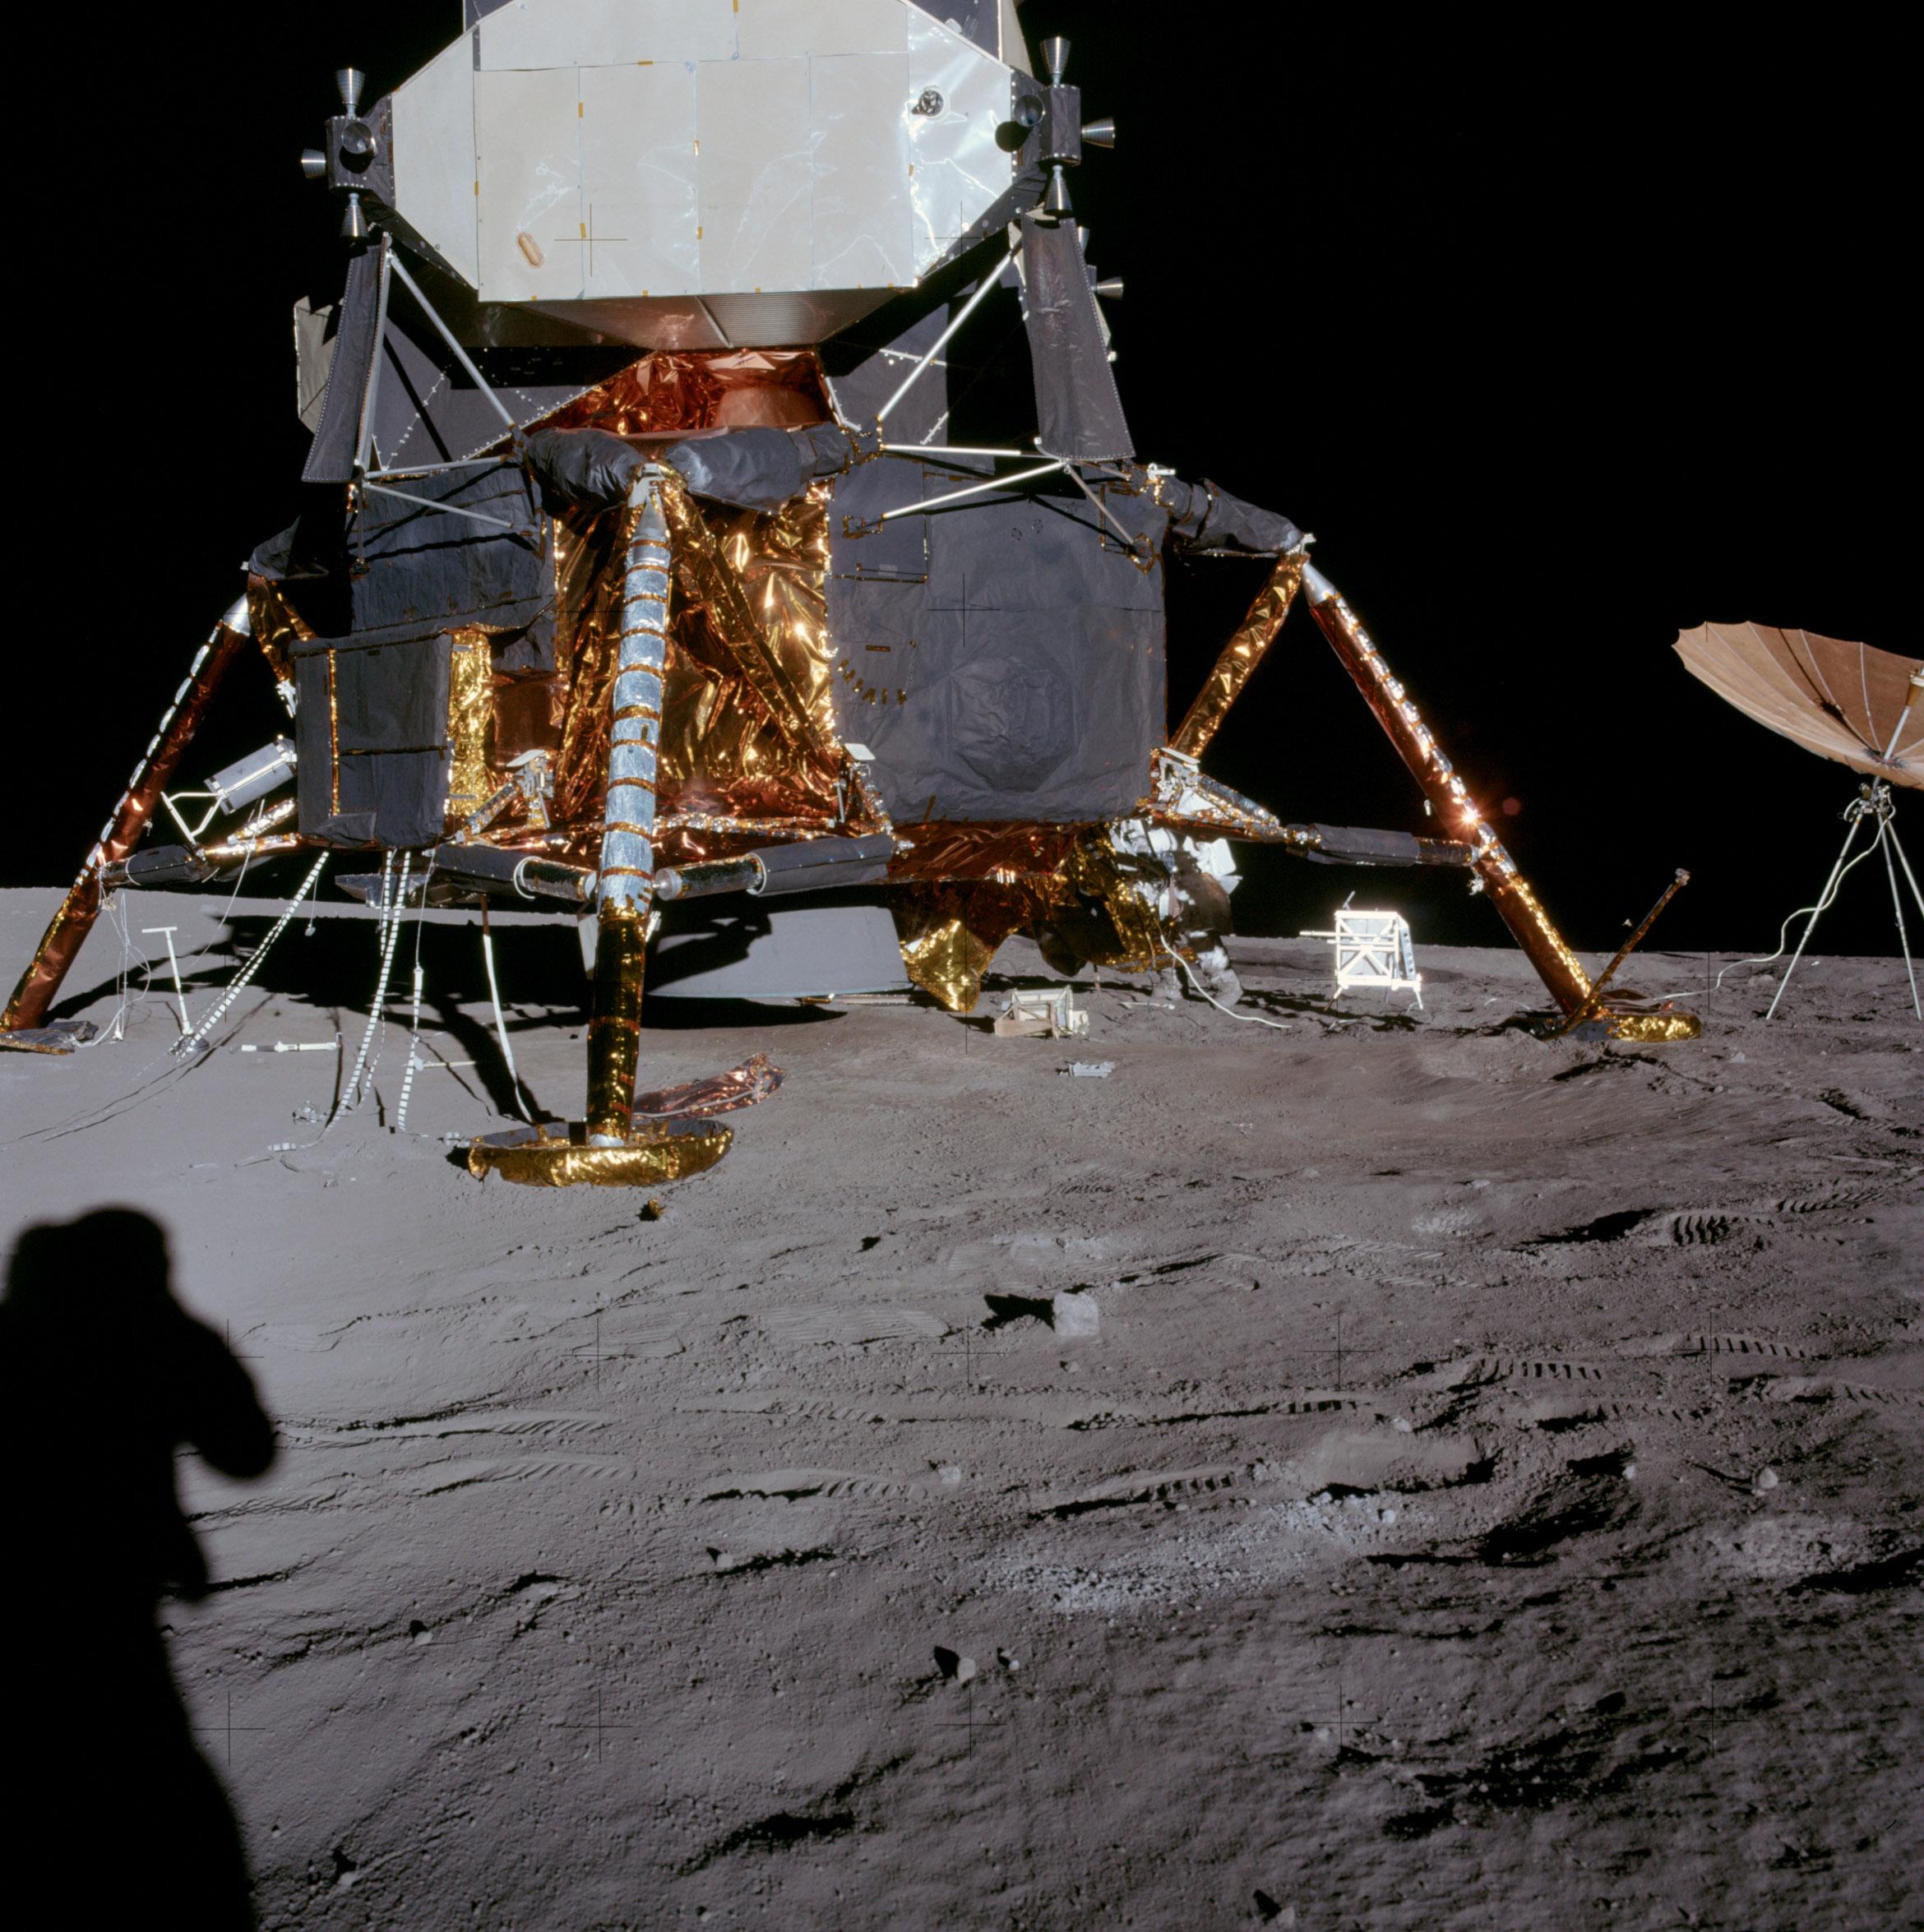 apollo 11 space mission - HD1593×1600